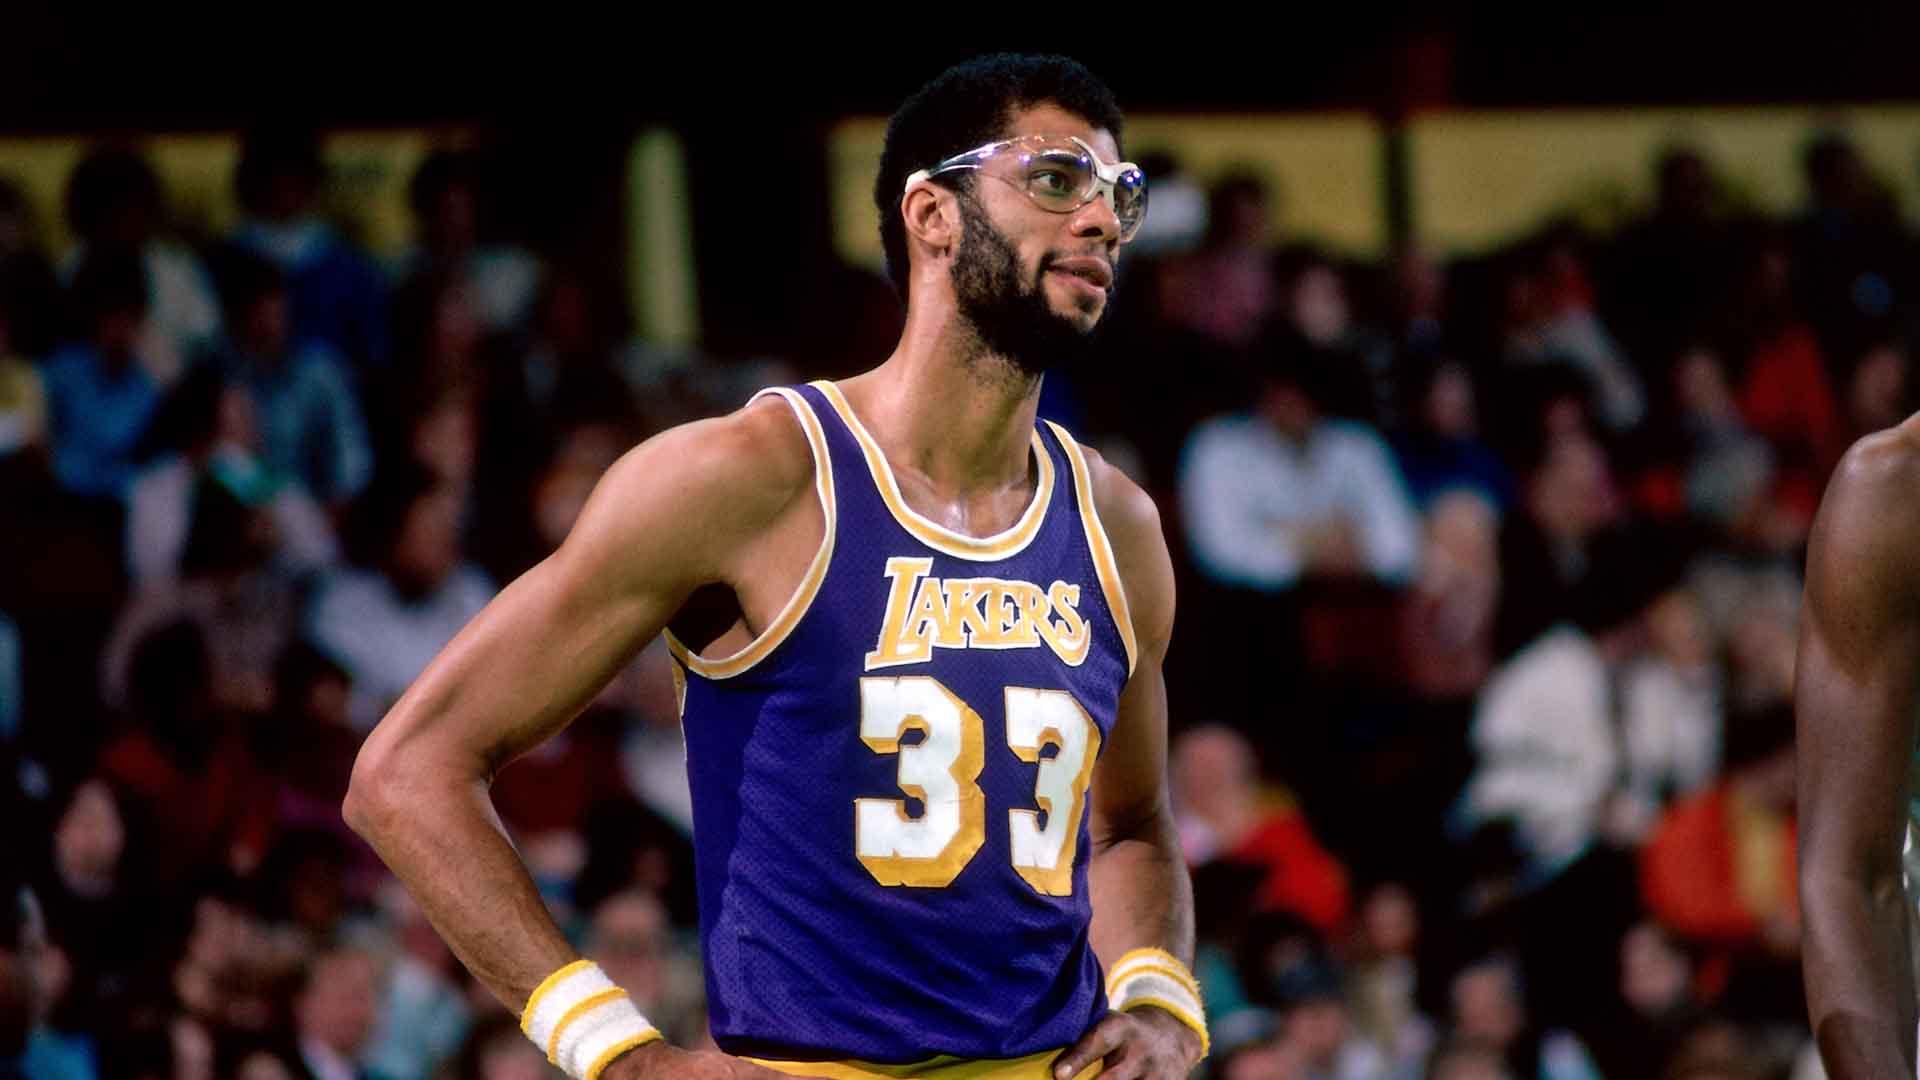 maiores jogadores de basquete de todos os tempos abdul-jabbar